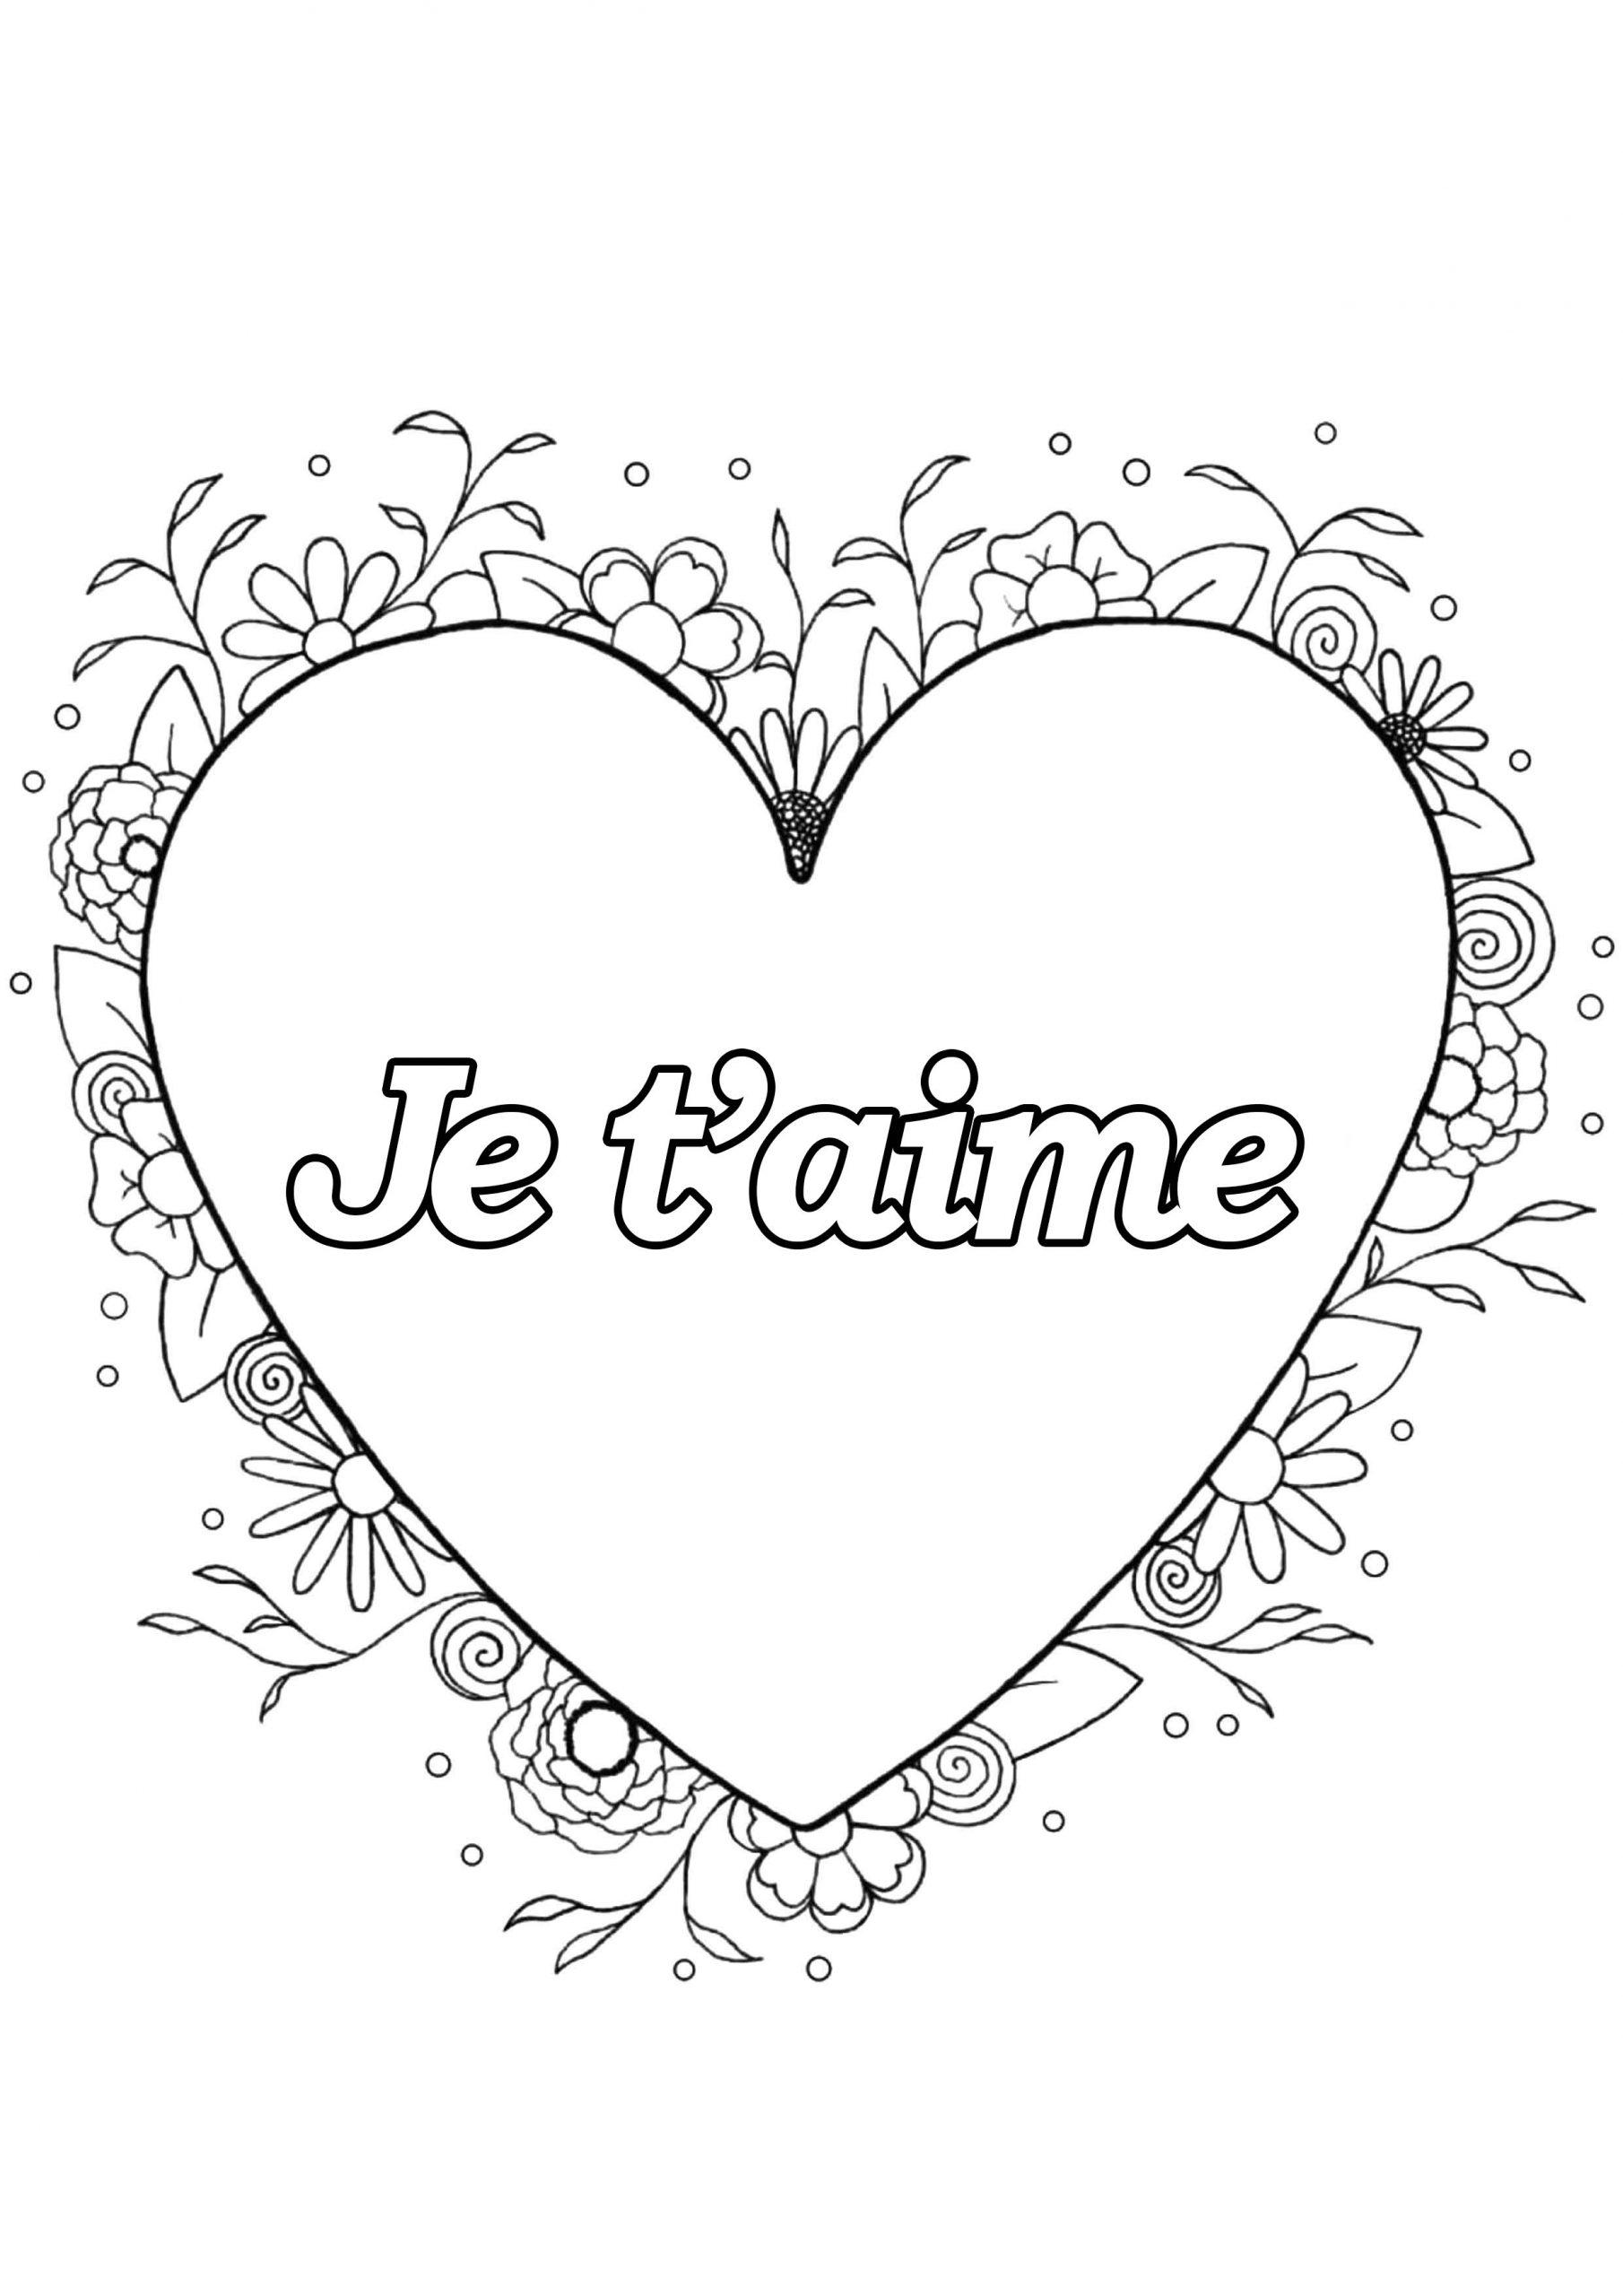 Saint Valentin 4 - Saint Valentin - Coloriages Difficiles dedans Dessin Pour La Saint Valentin